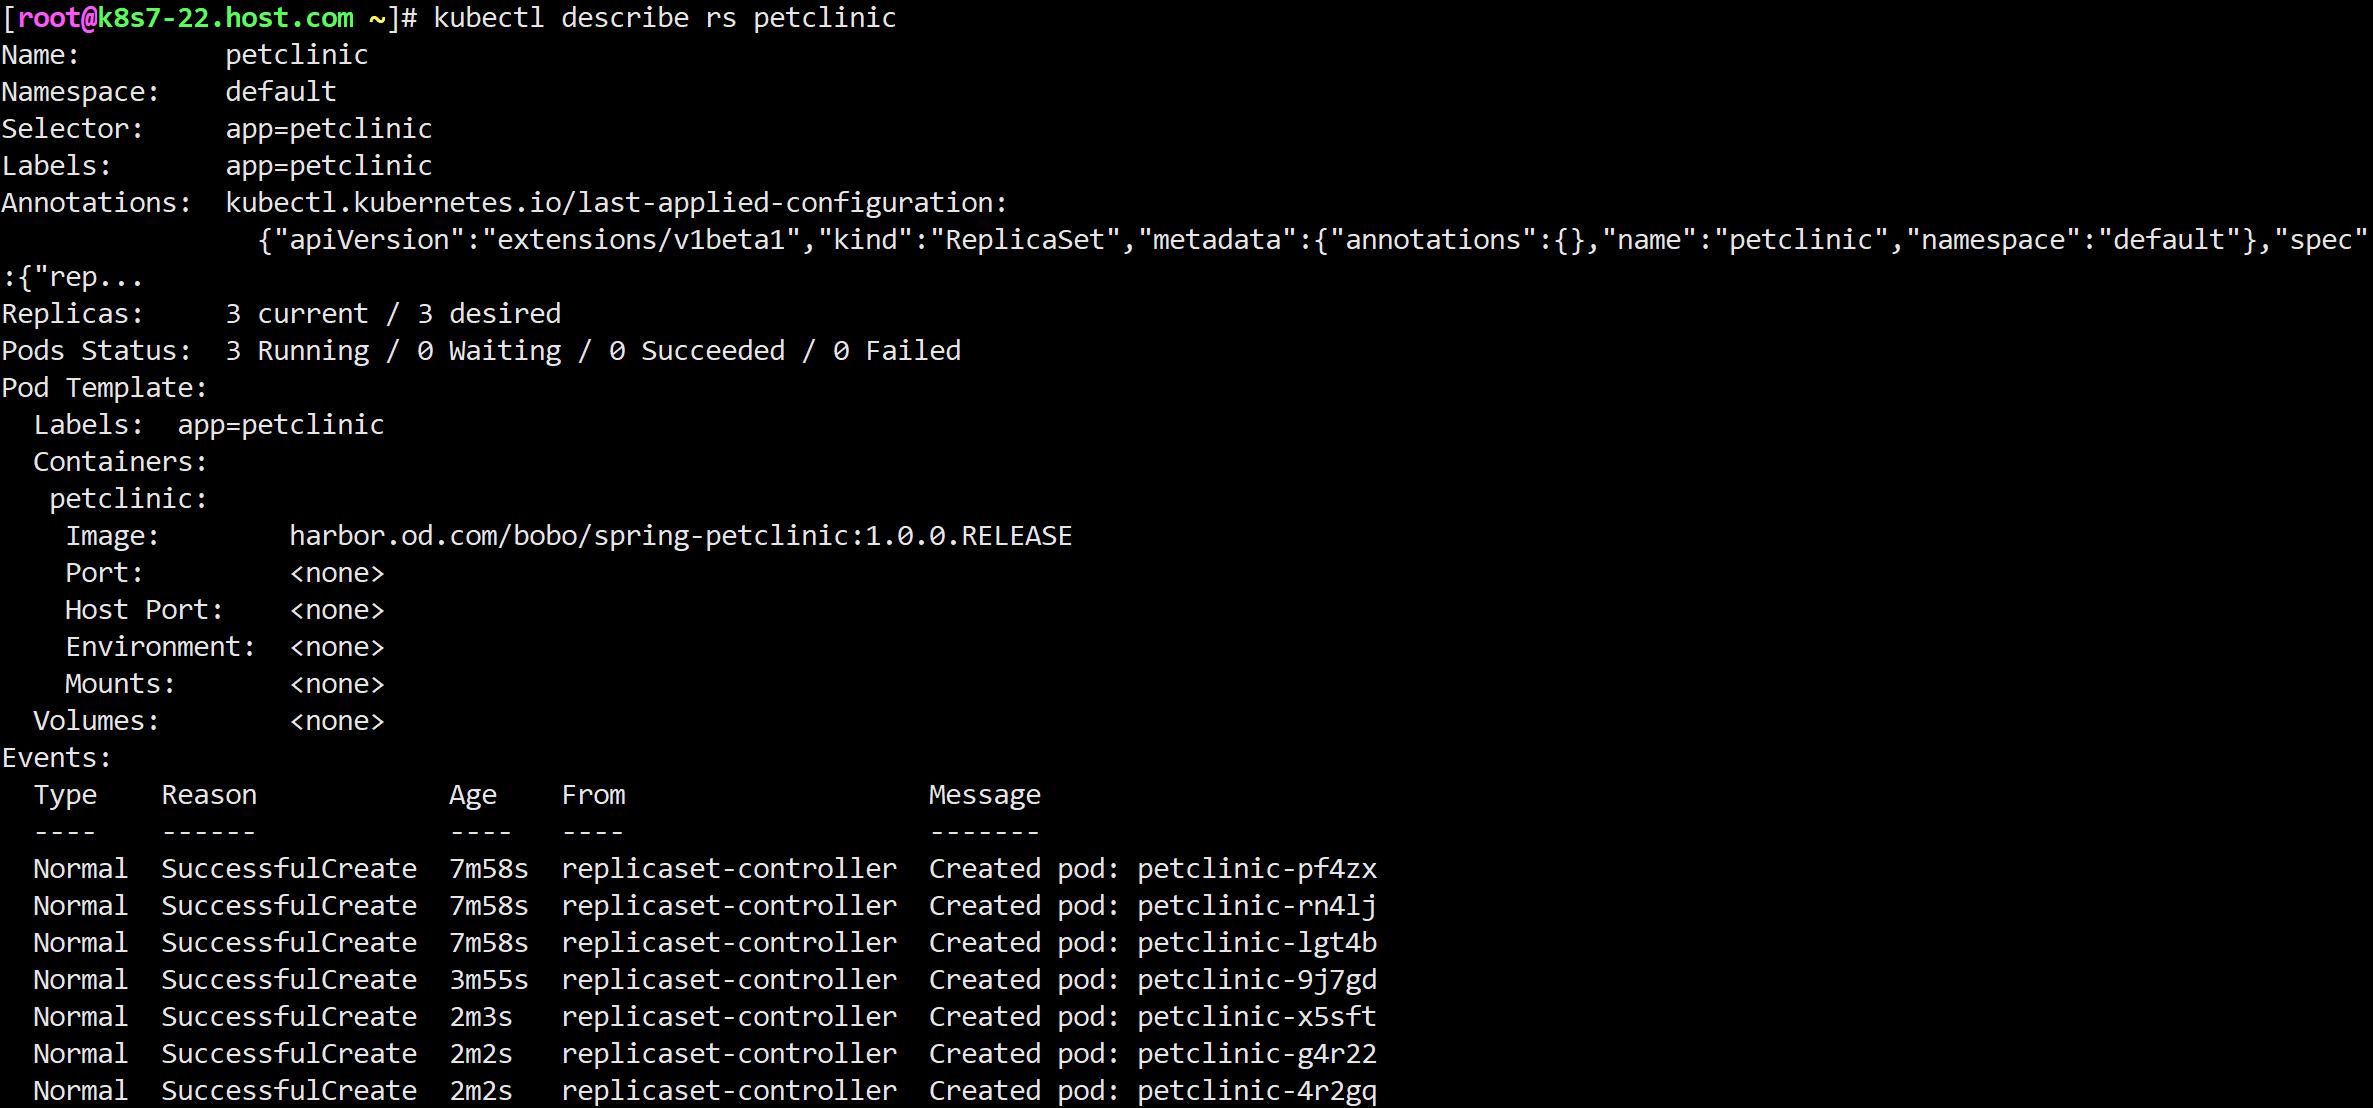 应用集群抽象~ReplicaSet